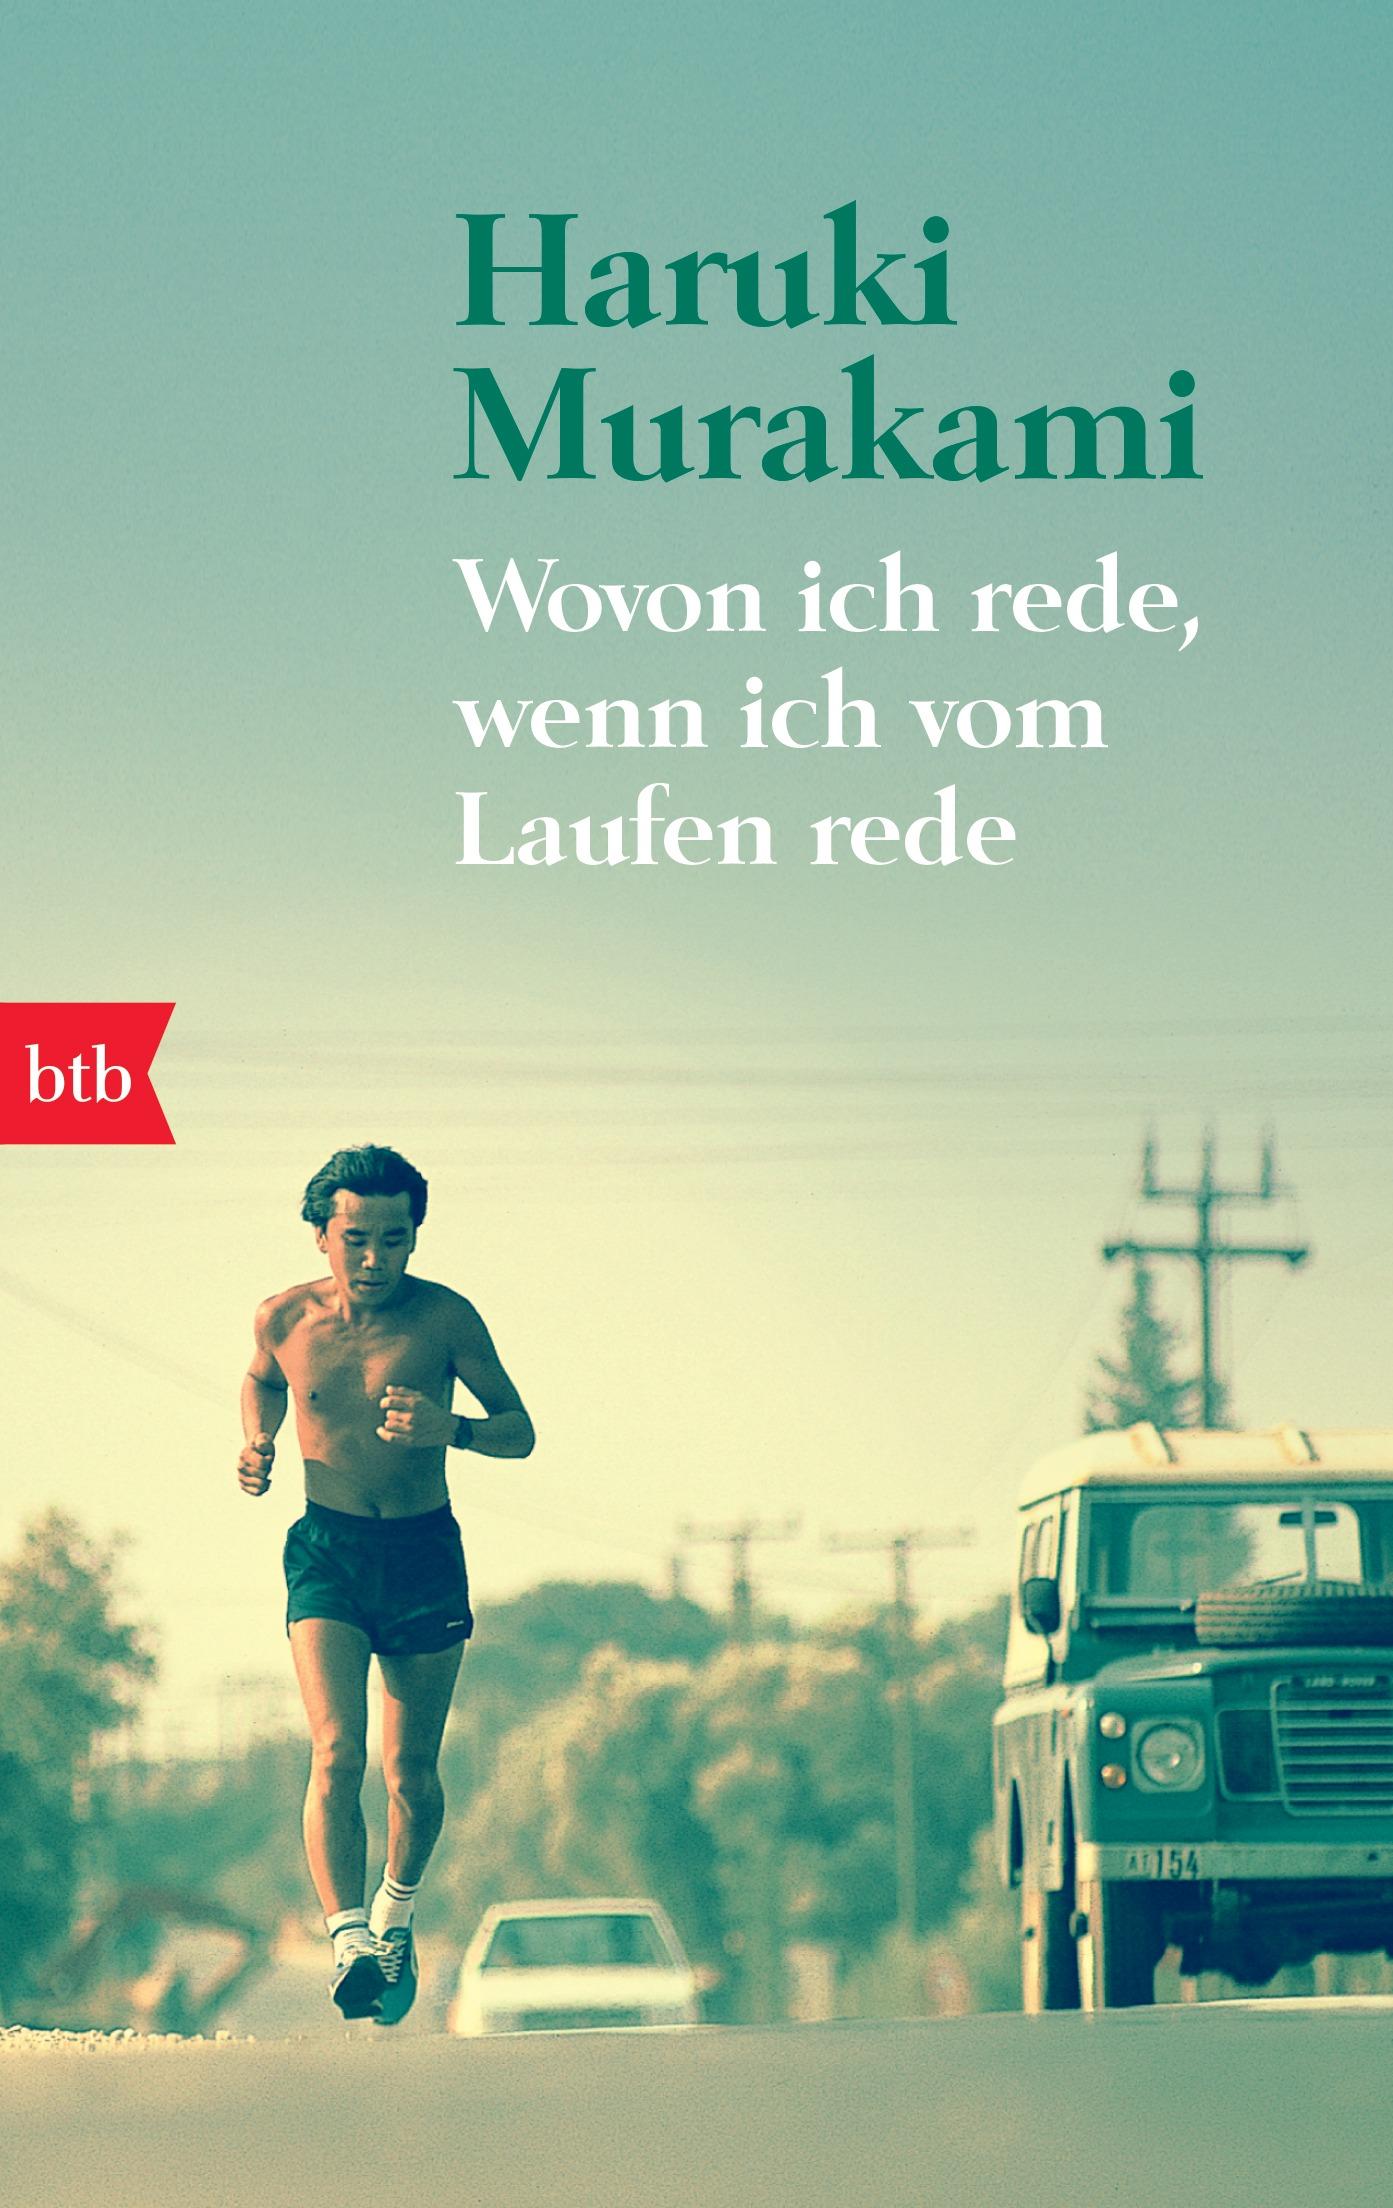 Wovon ich rede, wenn ich vom Laufen rede - Haruki Murakami